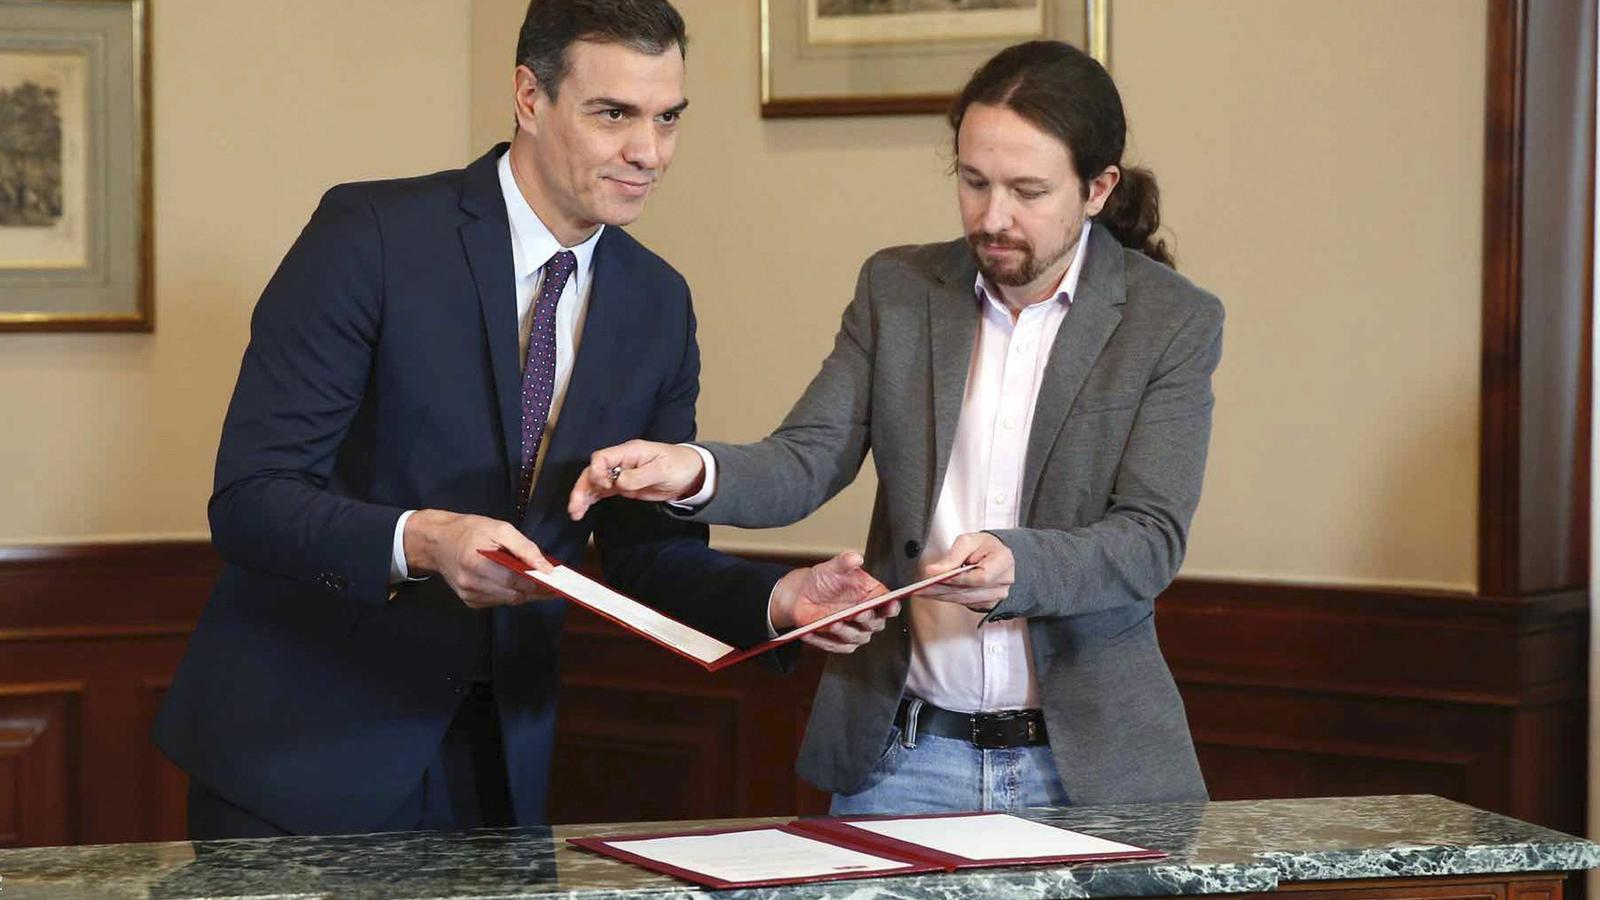 Sánchez i Iglesias signen un acord per governar en coalició i es prometen lleialtat per a tota la legislatura